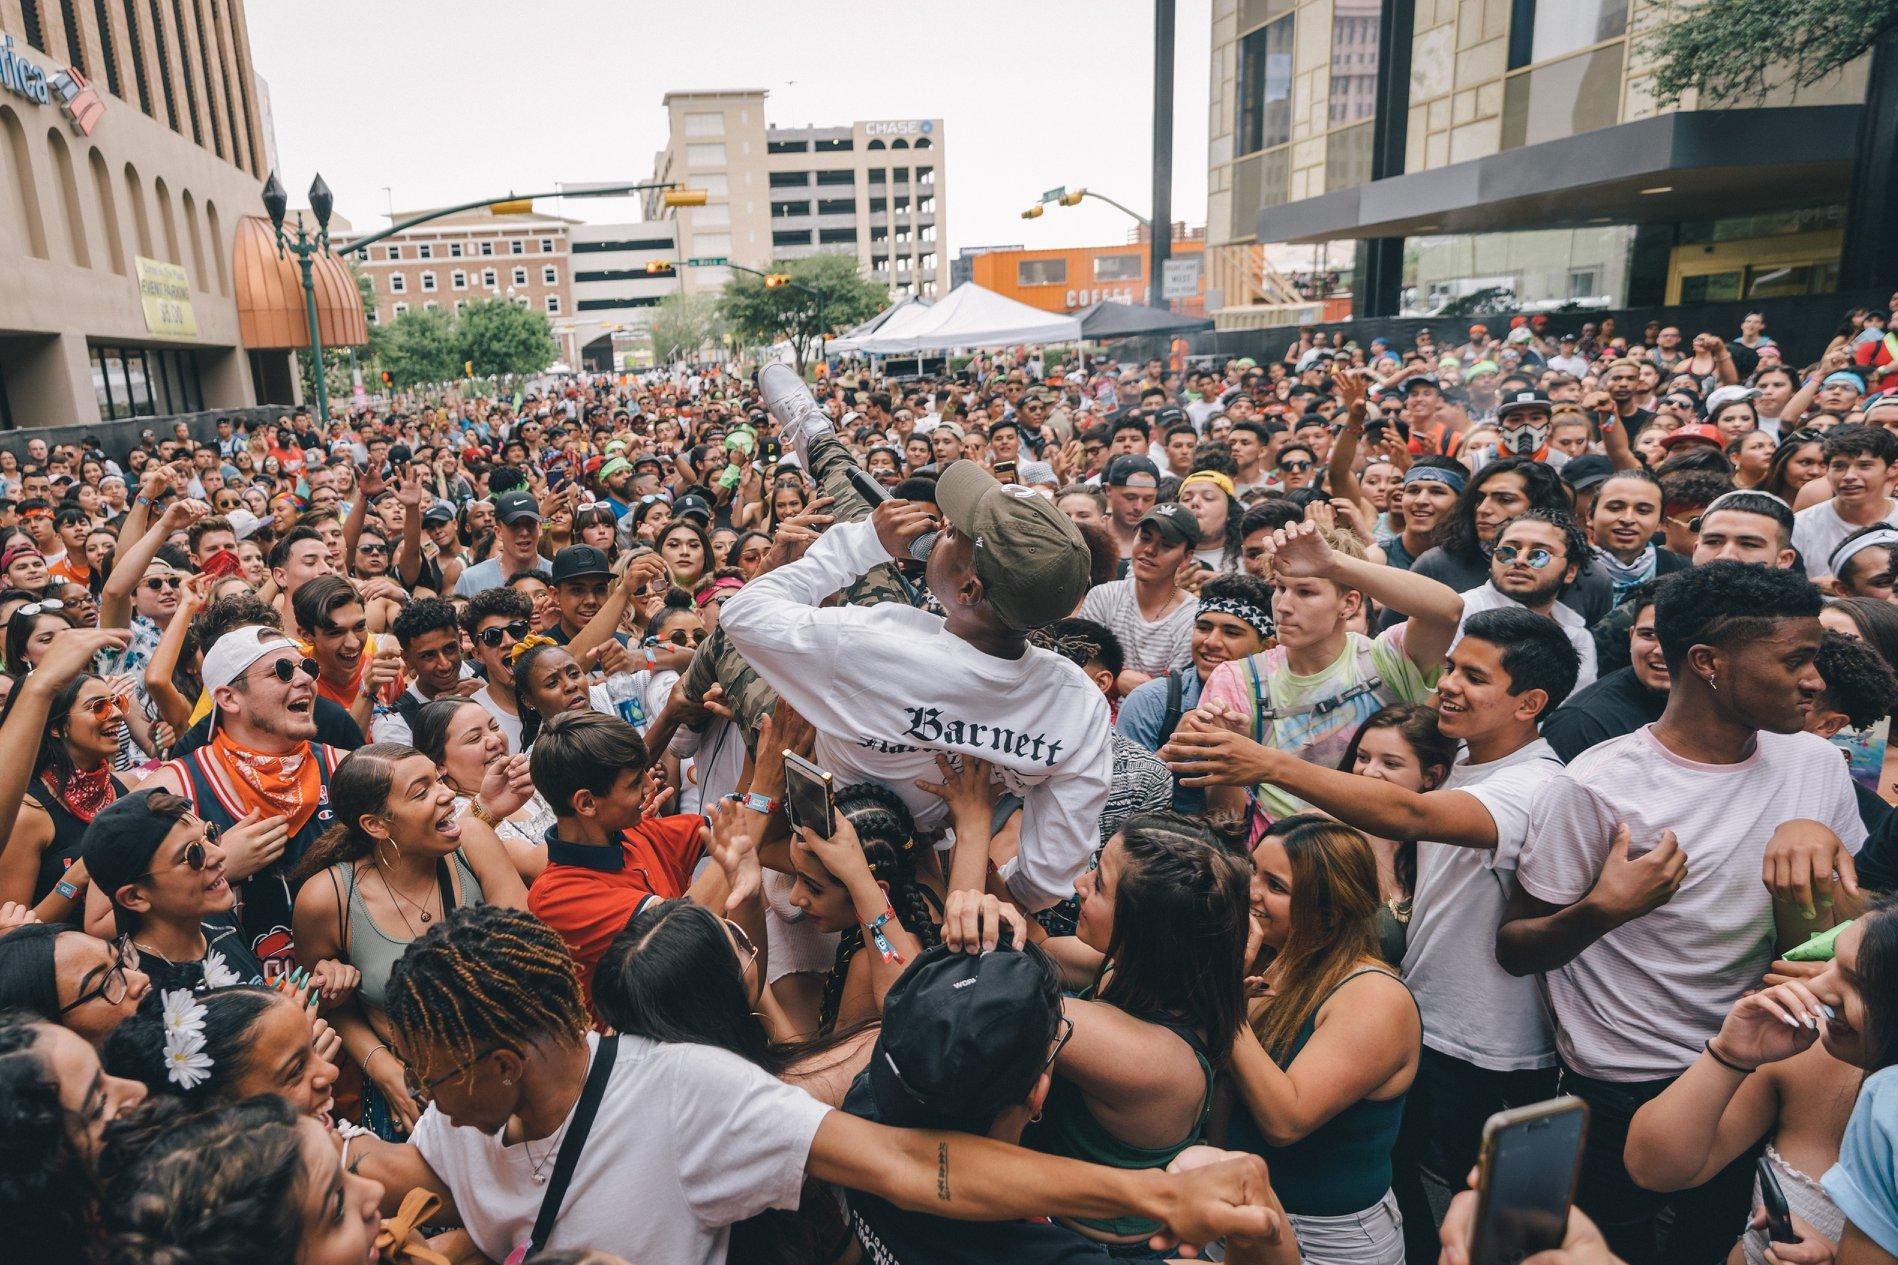 Music Festivals in Texas 2019